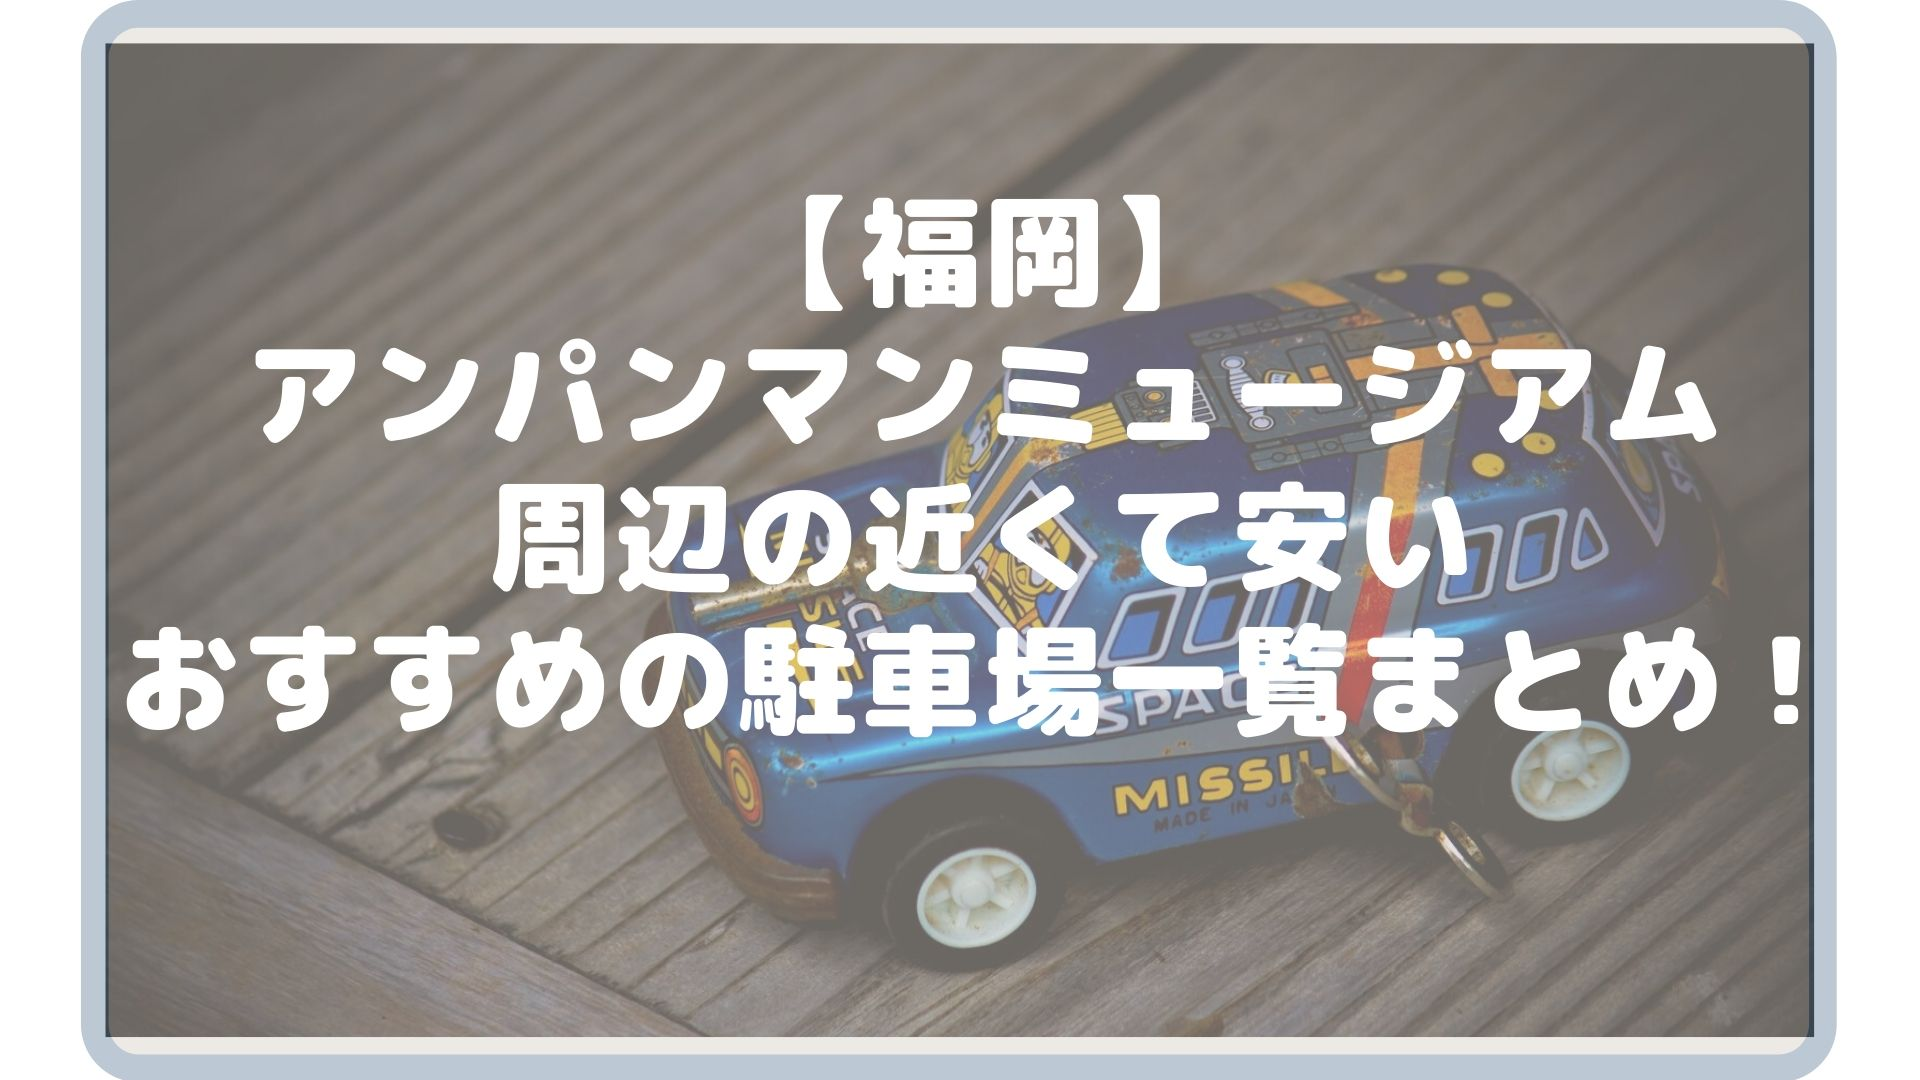 福岡アンパンマンミュージアム周辺の近くて安いおすすめの駐車場一覧まとめ!のタイトル画像